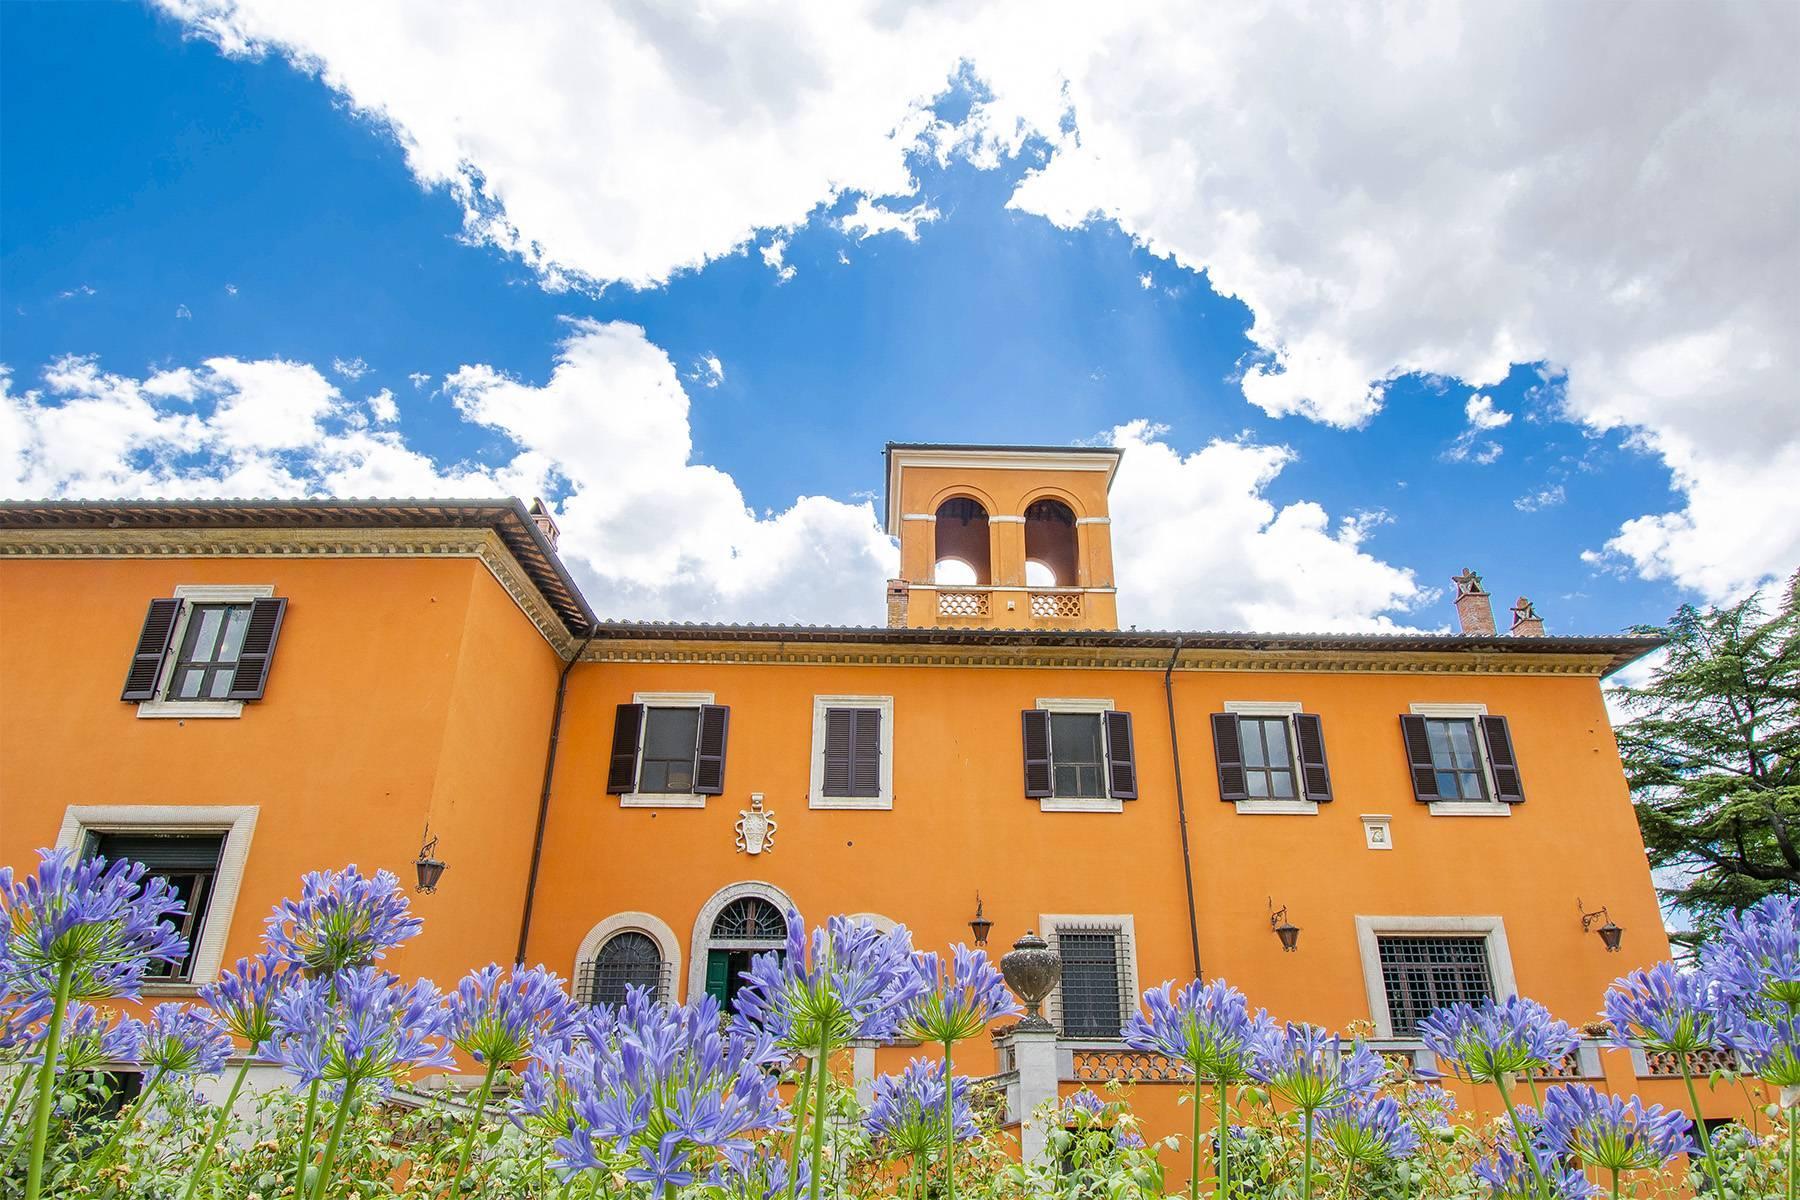 Magnifica villa dell'800 nel cuore dell'Umbria - 28